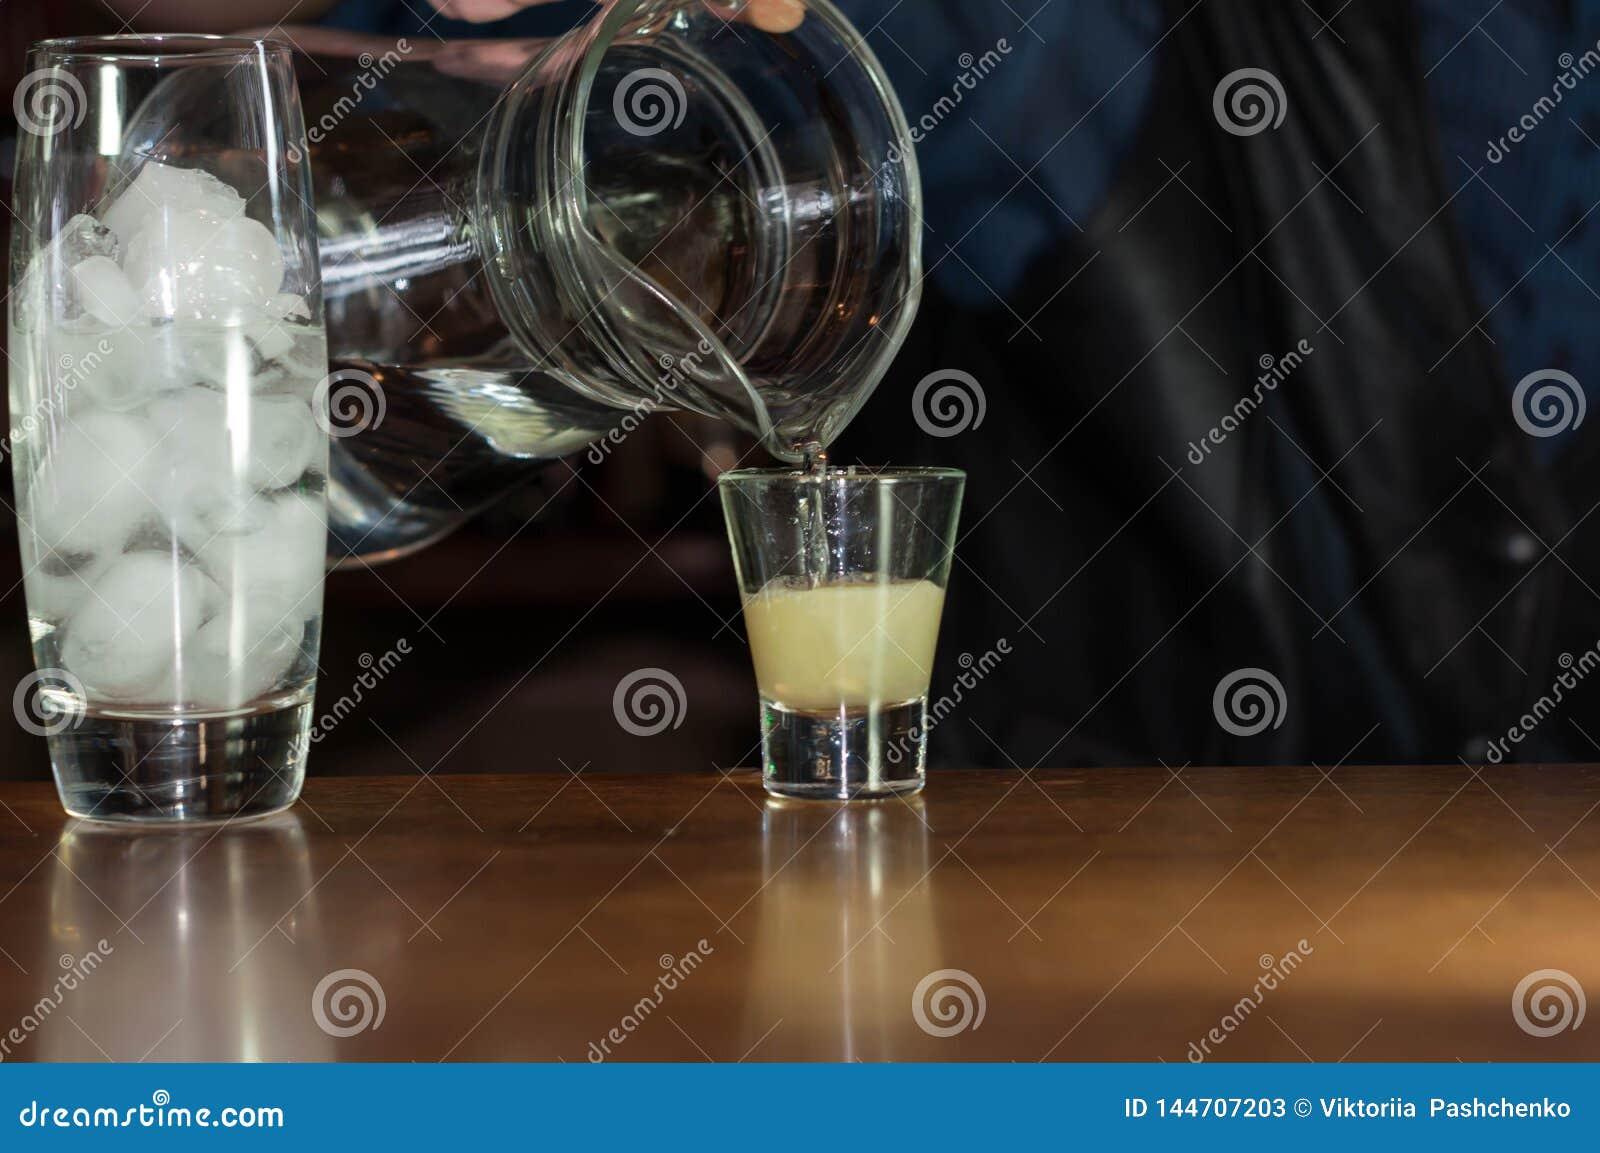 Barman à la soude se renversante de compteur de la cruche dans le verre avec du jus